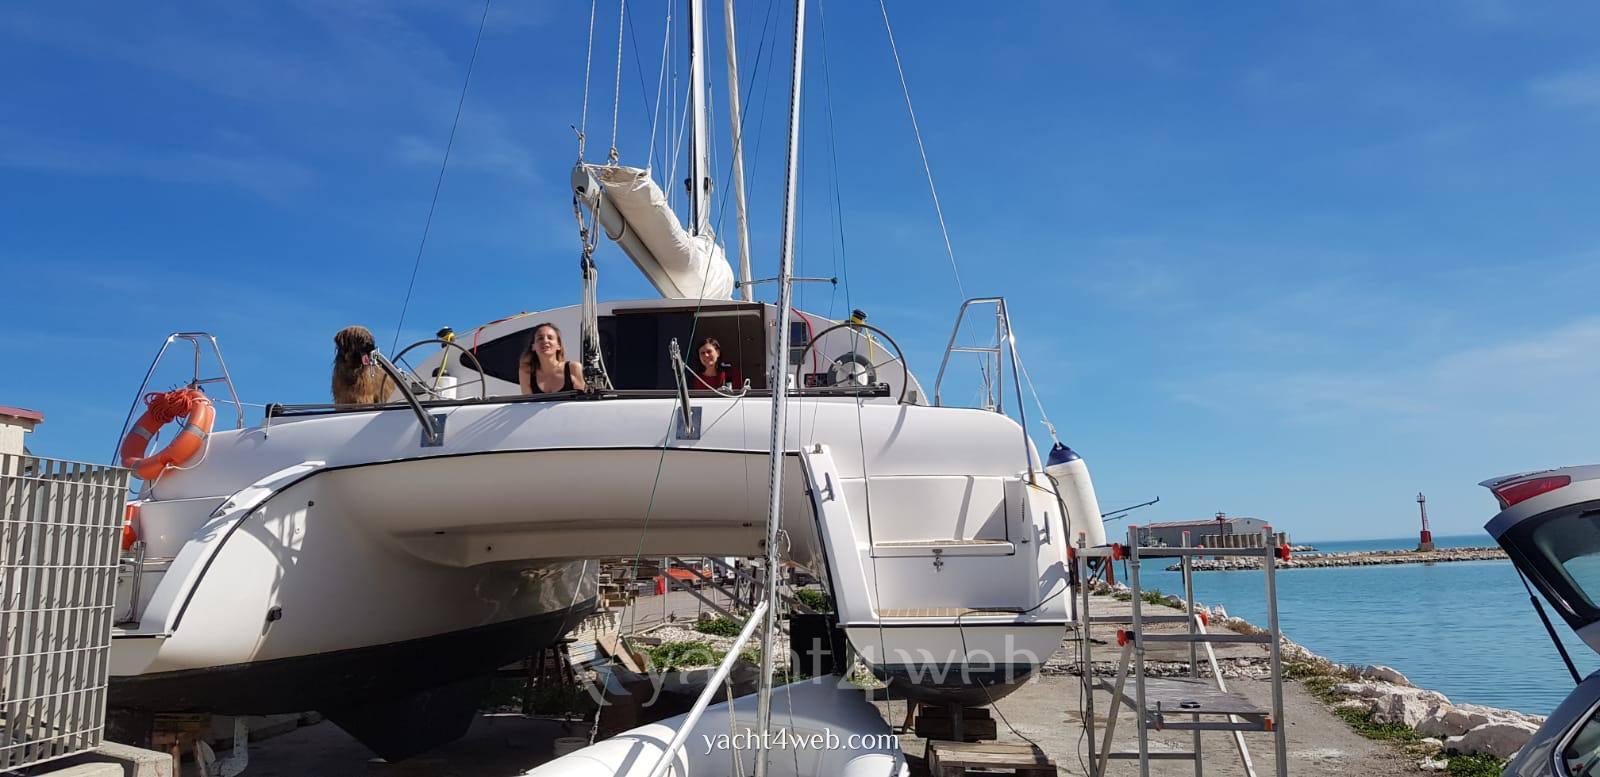 Lady Hawke Lh 33 Sail cruiser